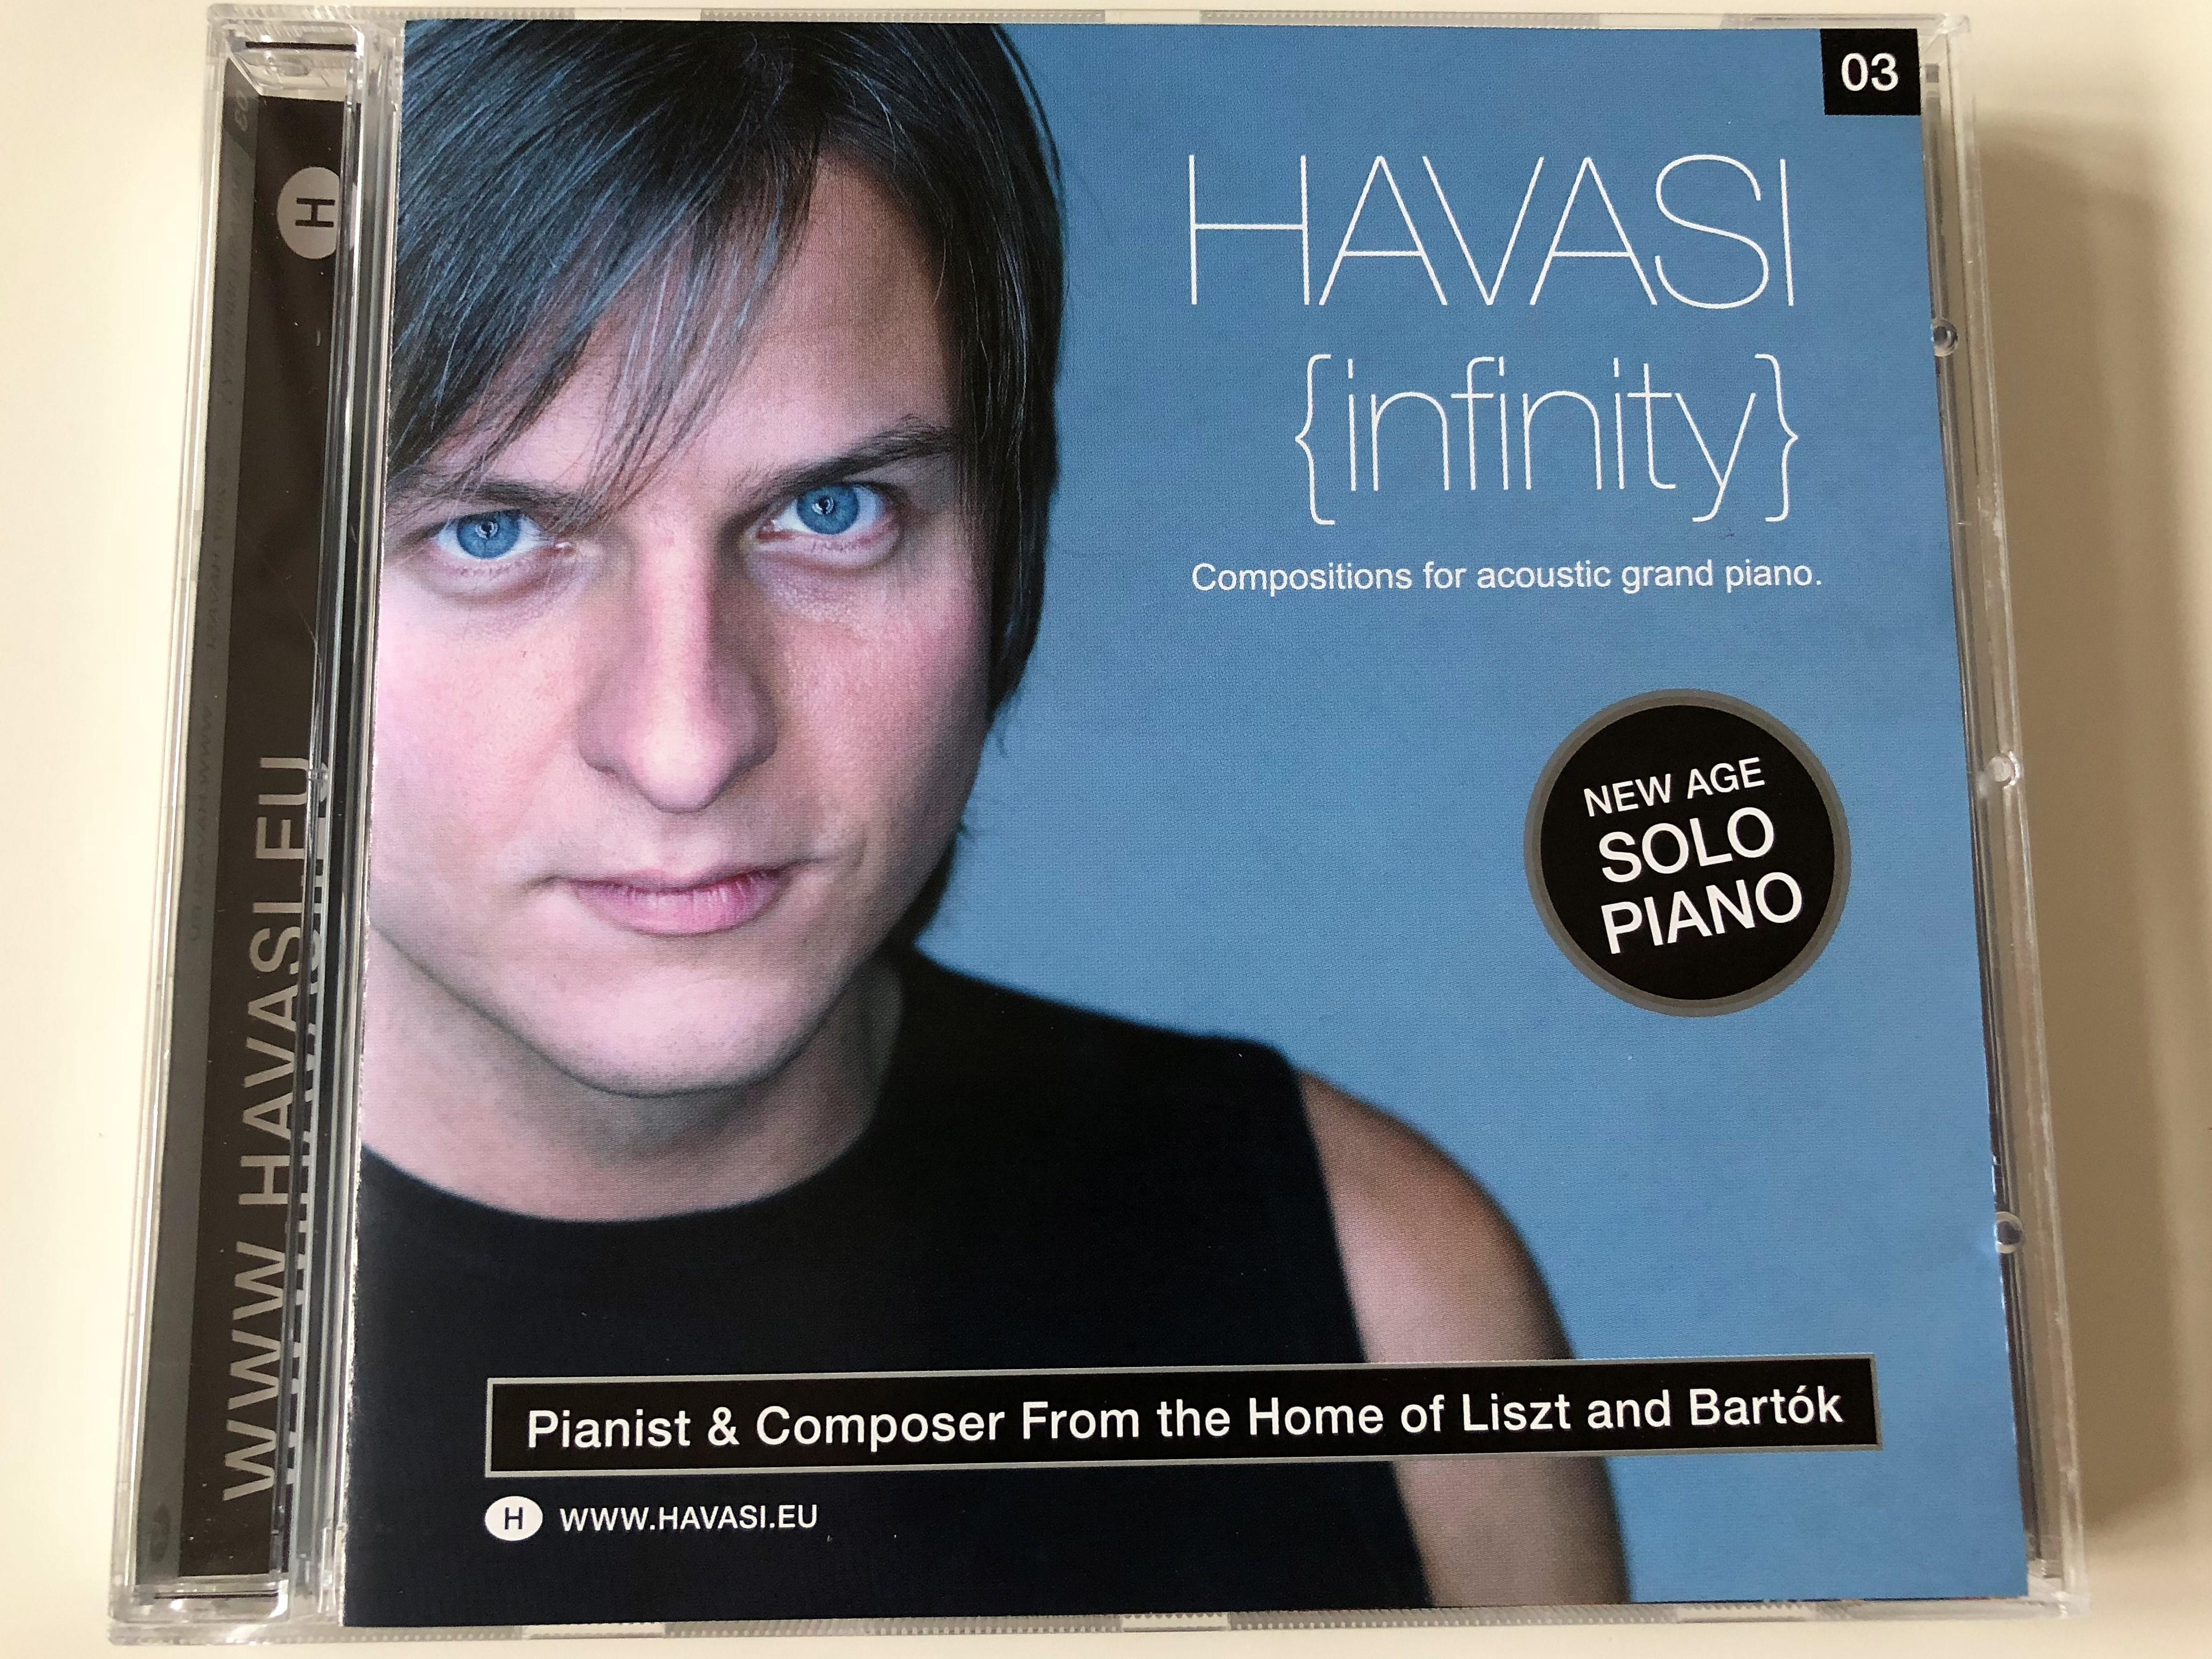 havasi-bal-zs-red-infinity-piano-seven-1-14-.jpg